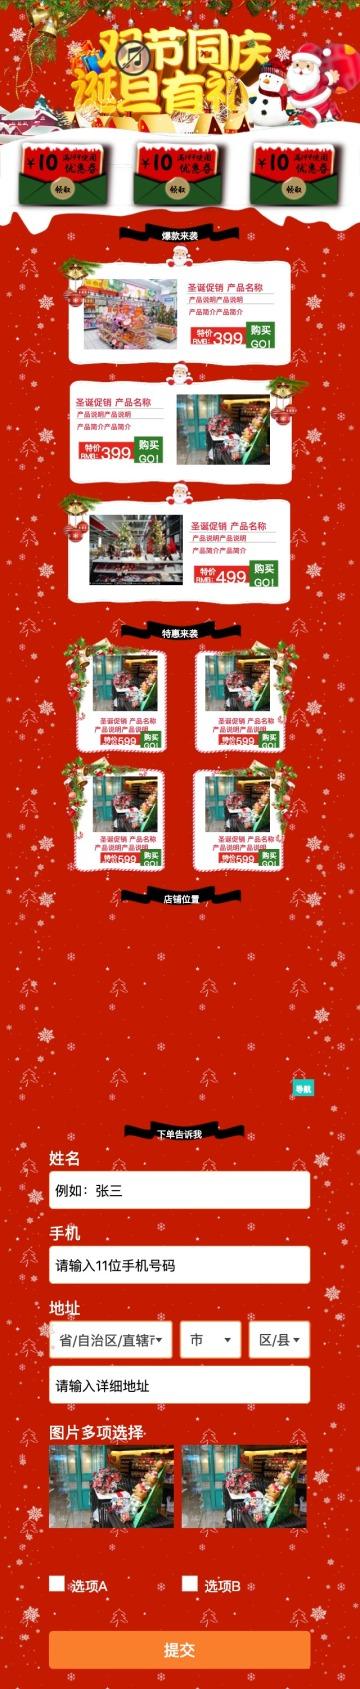 双节同庆诞旦豪礼红色系店铺宣传单页